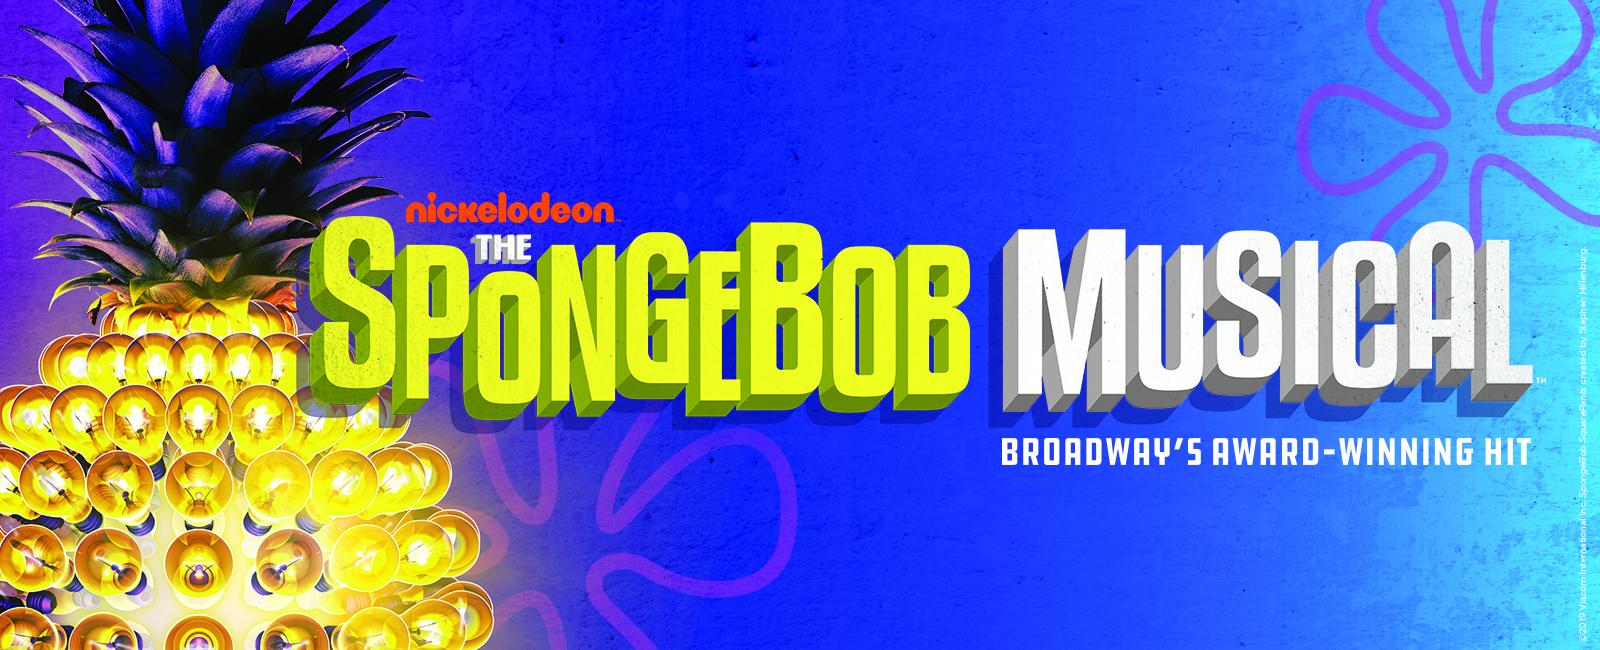 Nickelodeon - The SpongeBob Musical